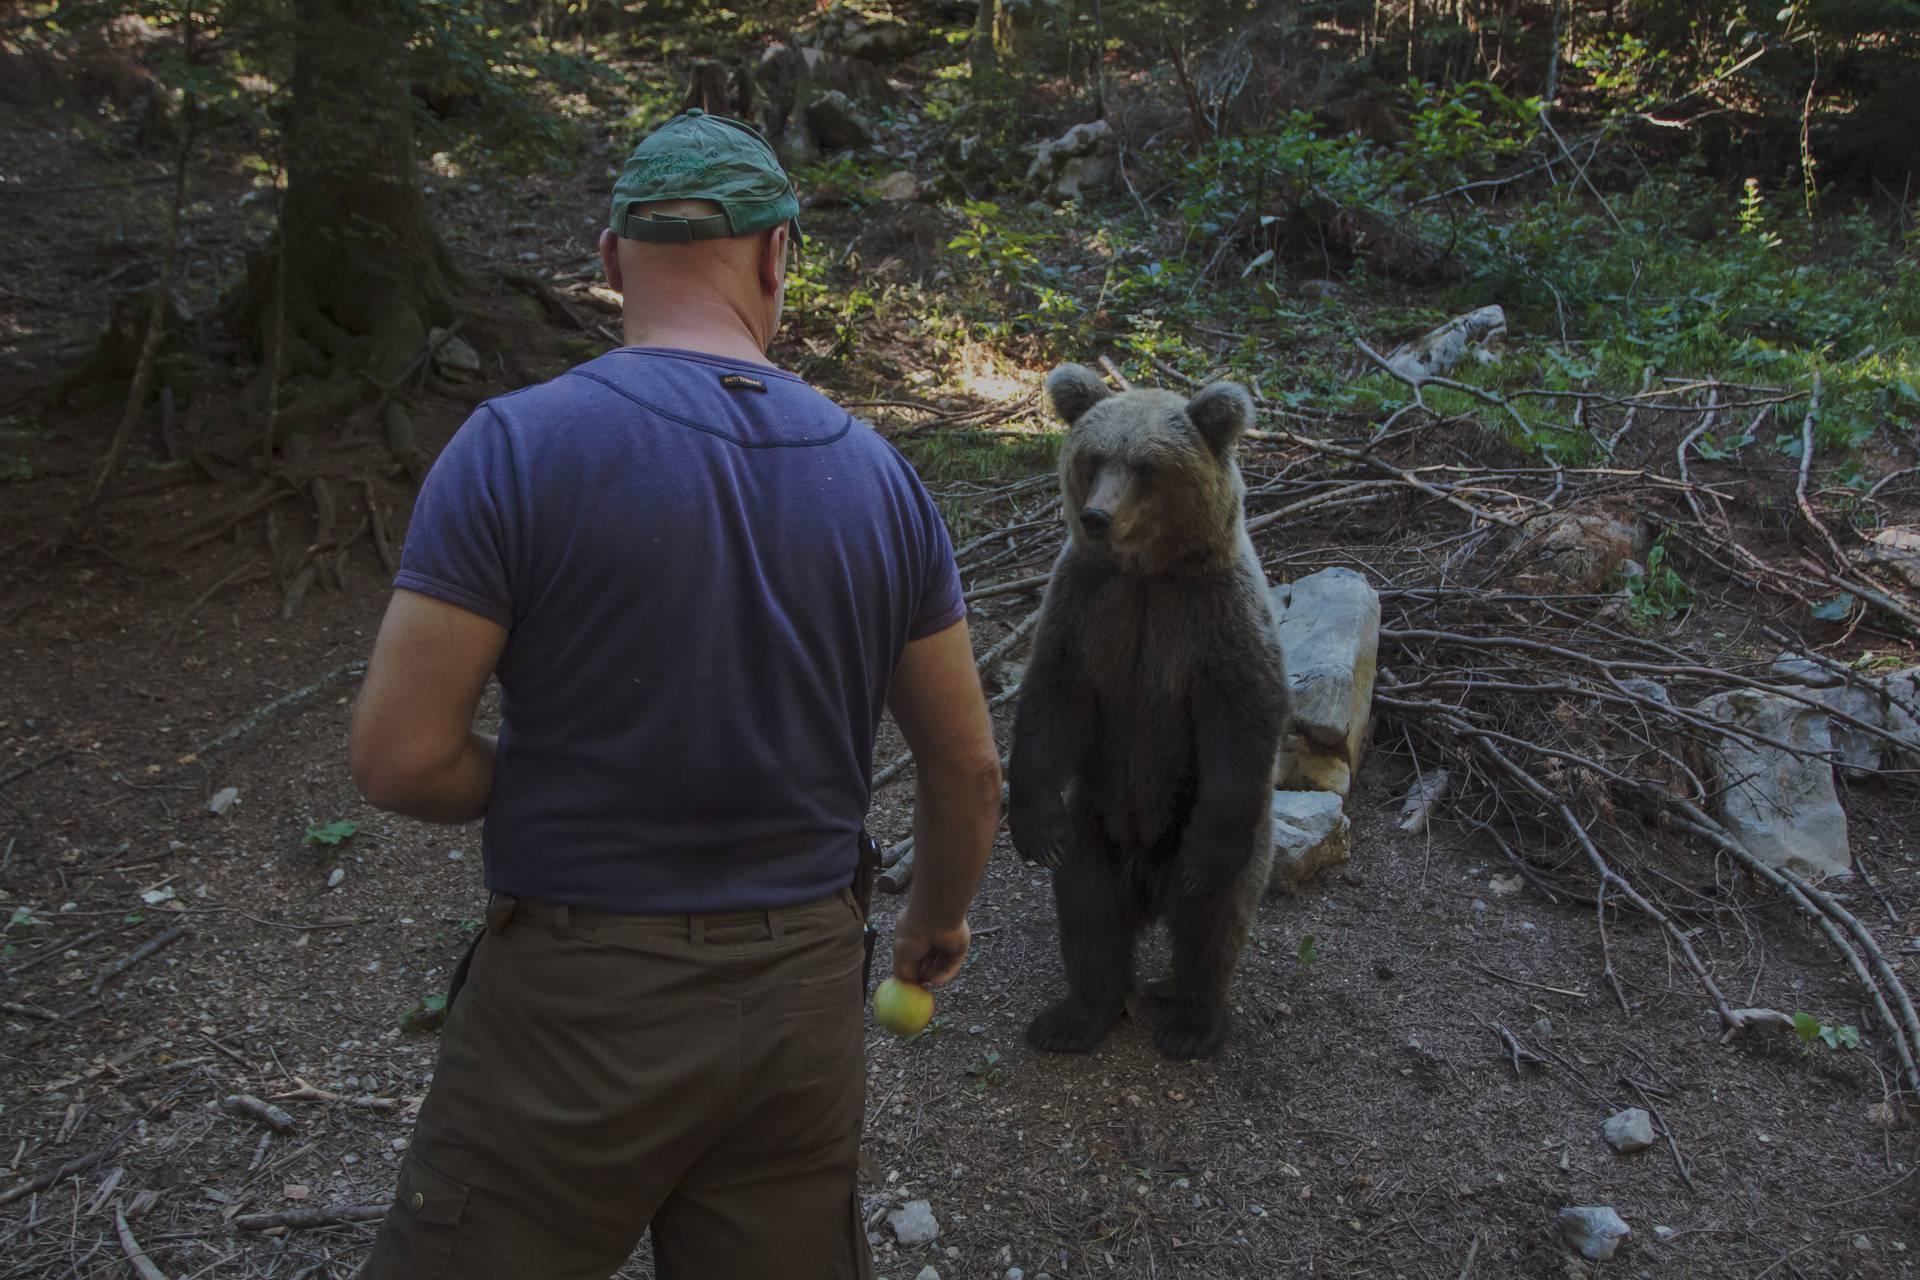 Šaptač medvjedima iz Mrkoplja: Čekaju me uz cestu i jedu iz ruke